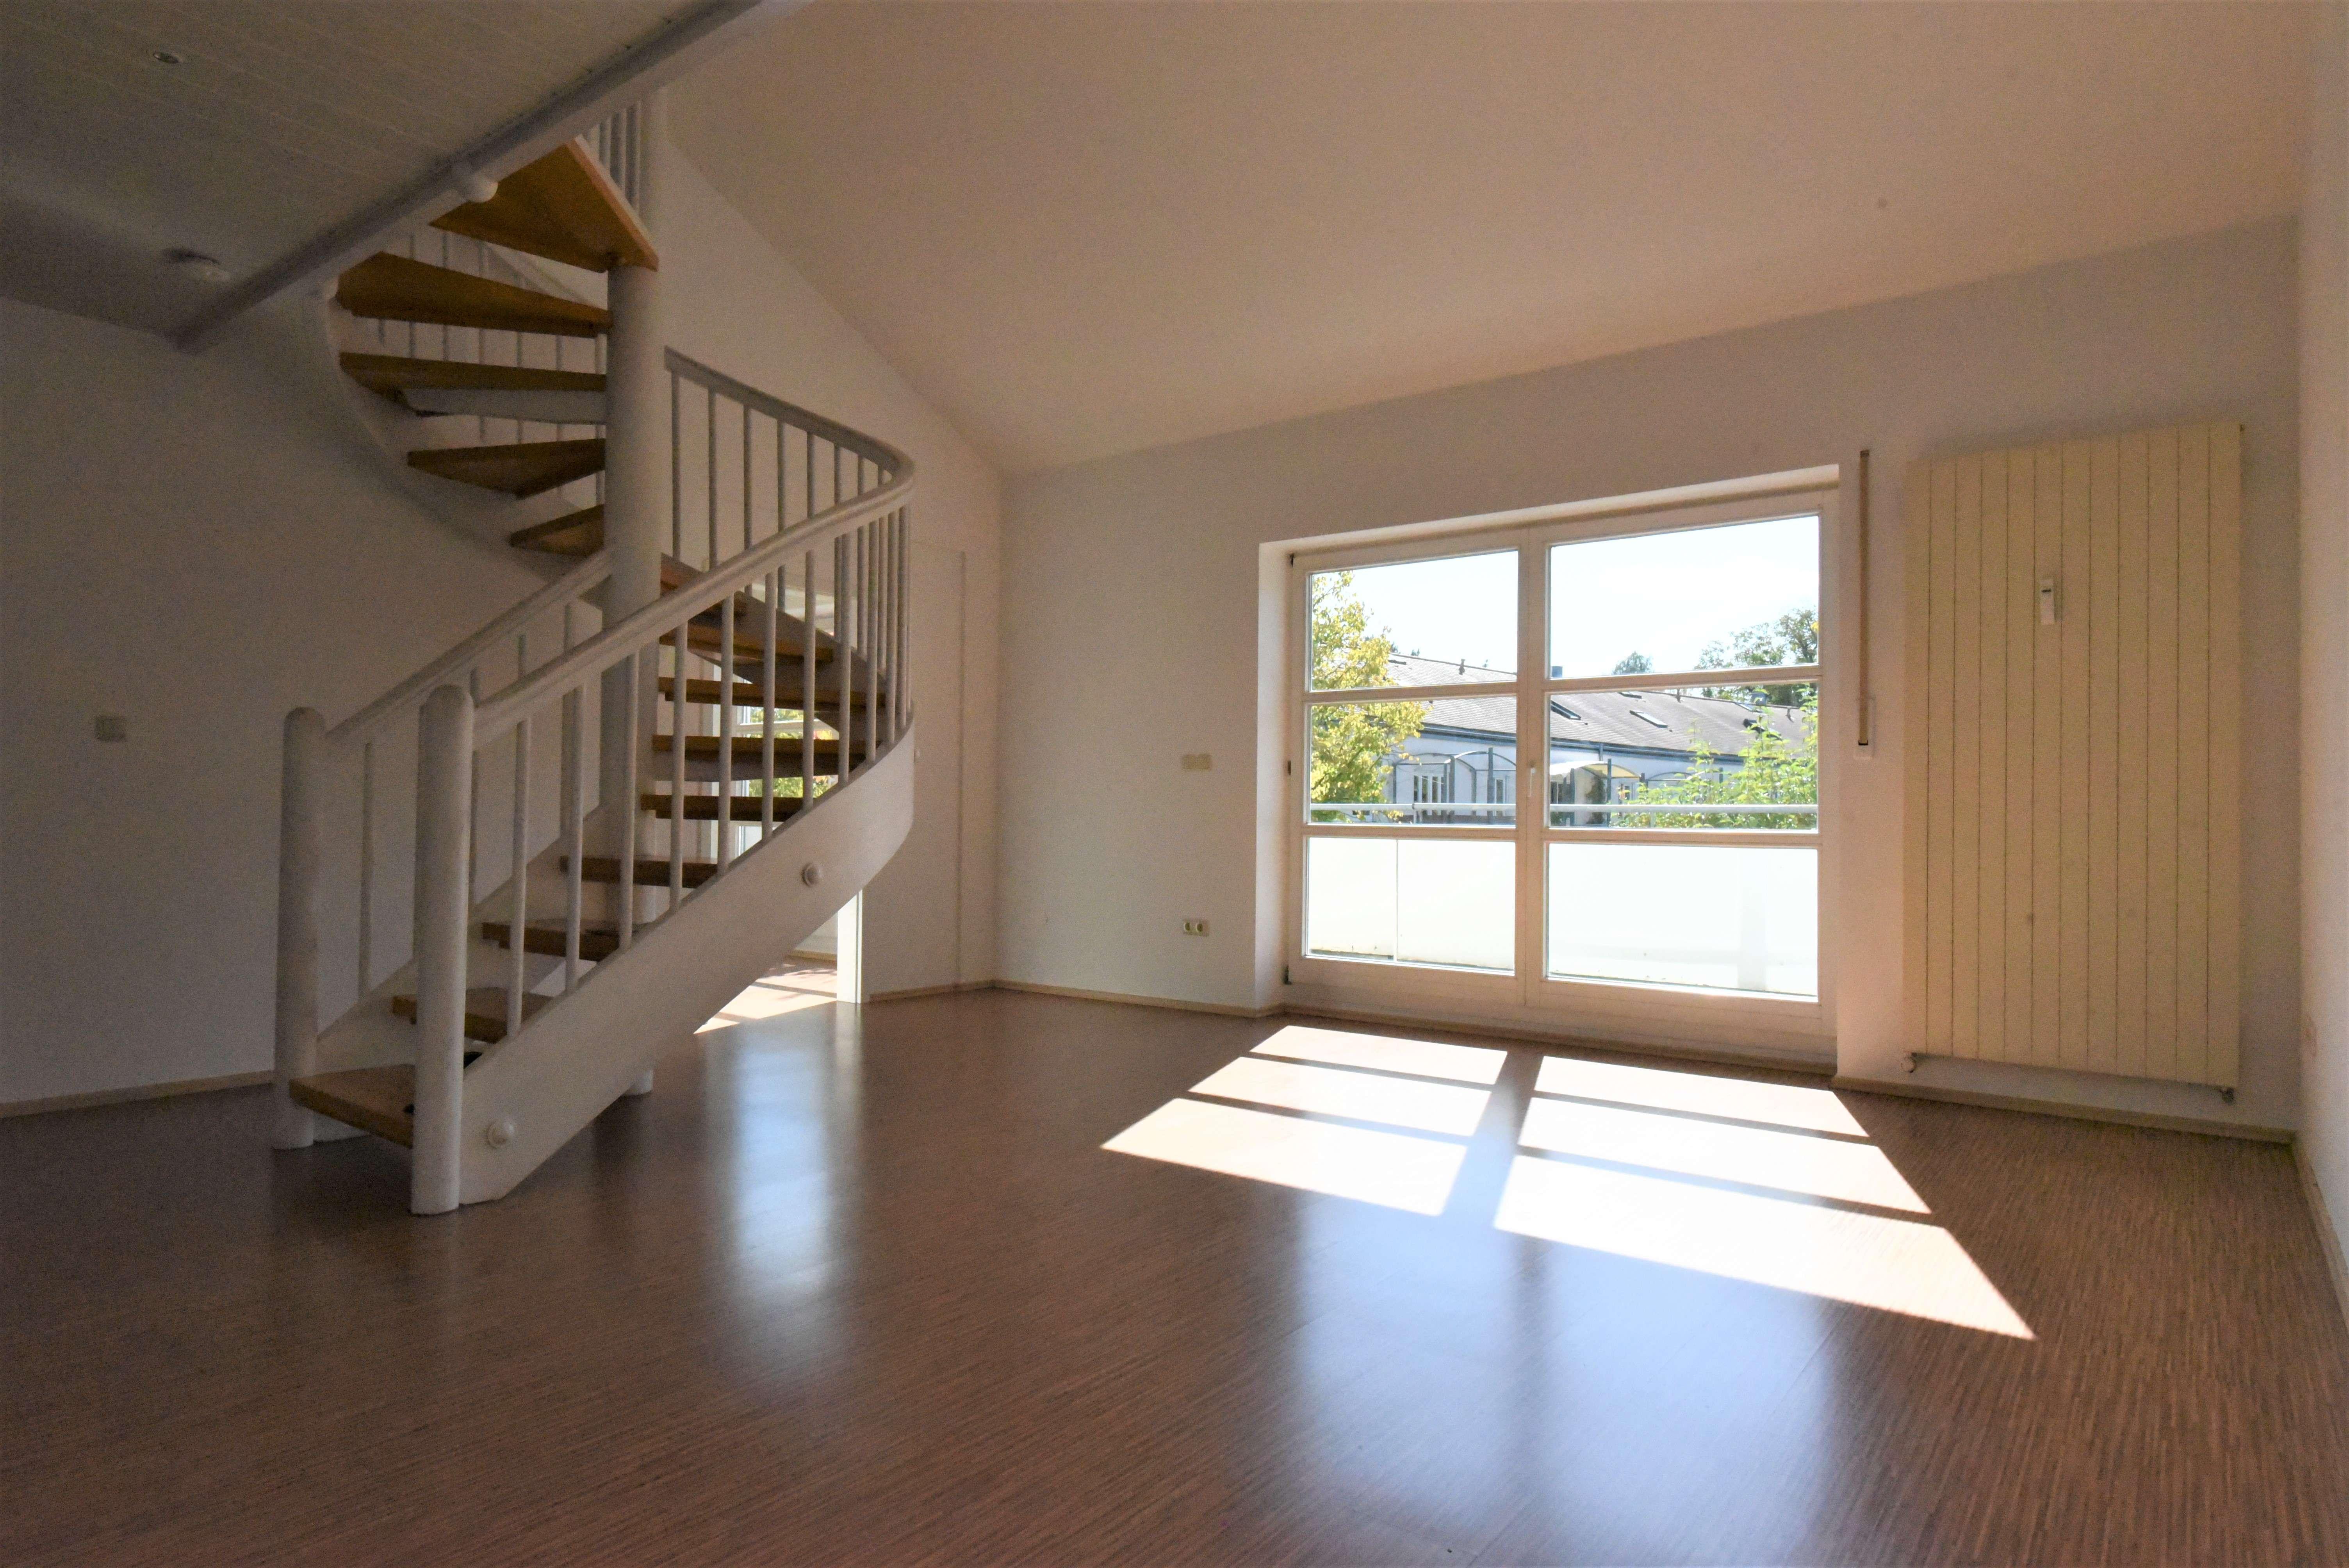 Sonnige, ruhige 4-Zi.-Galerie-Wohnung in bester Rennplatz-Lage in Westenviertel (Regensburg)